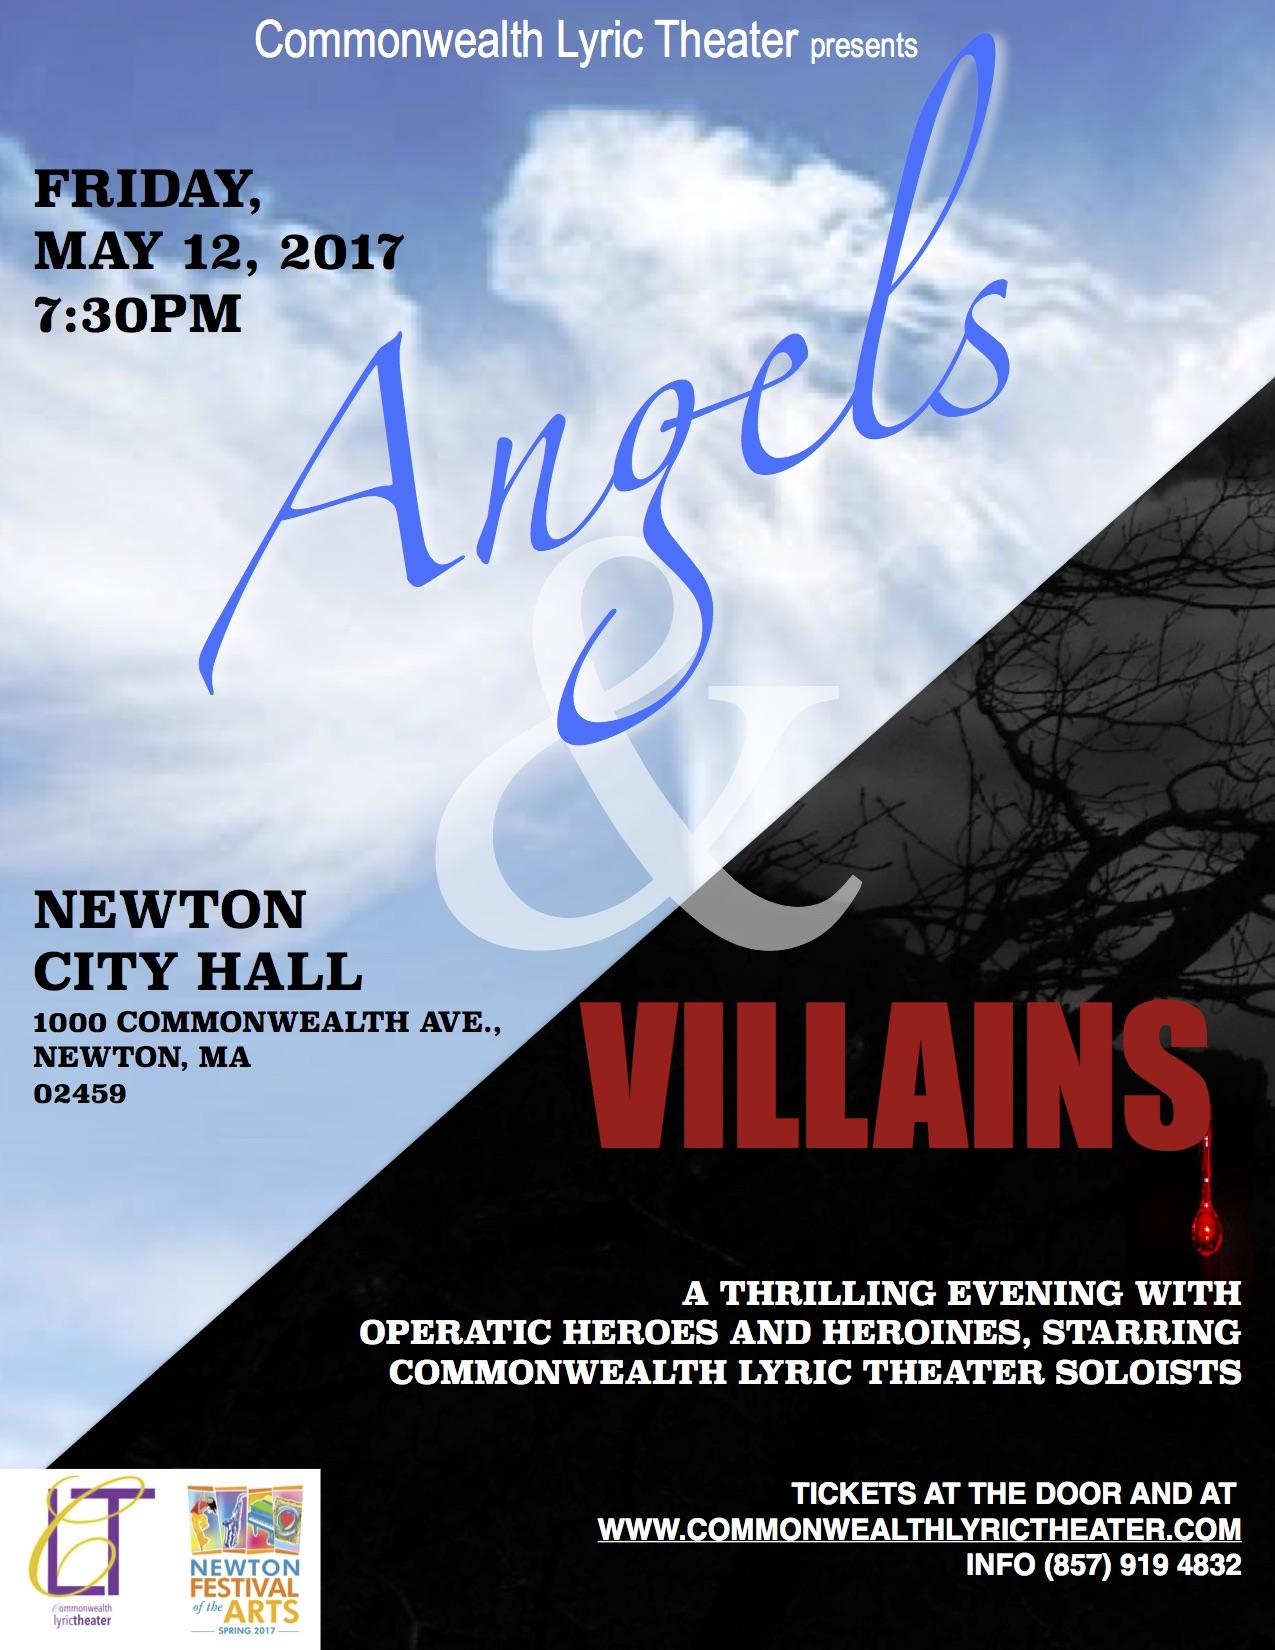 Angels & Villains Poster